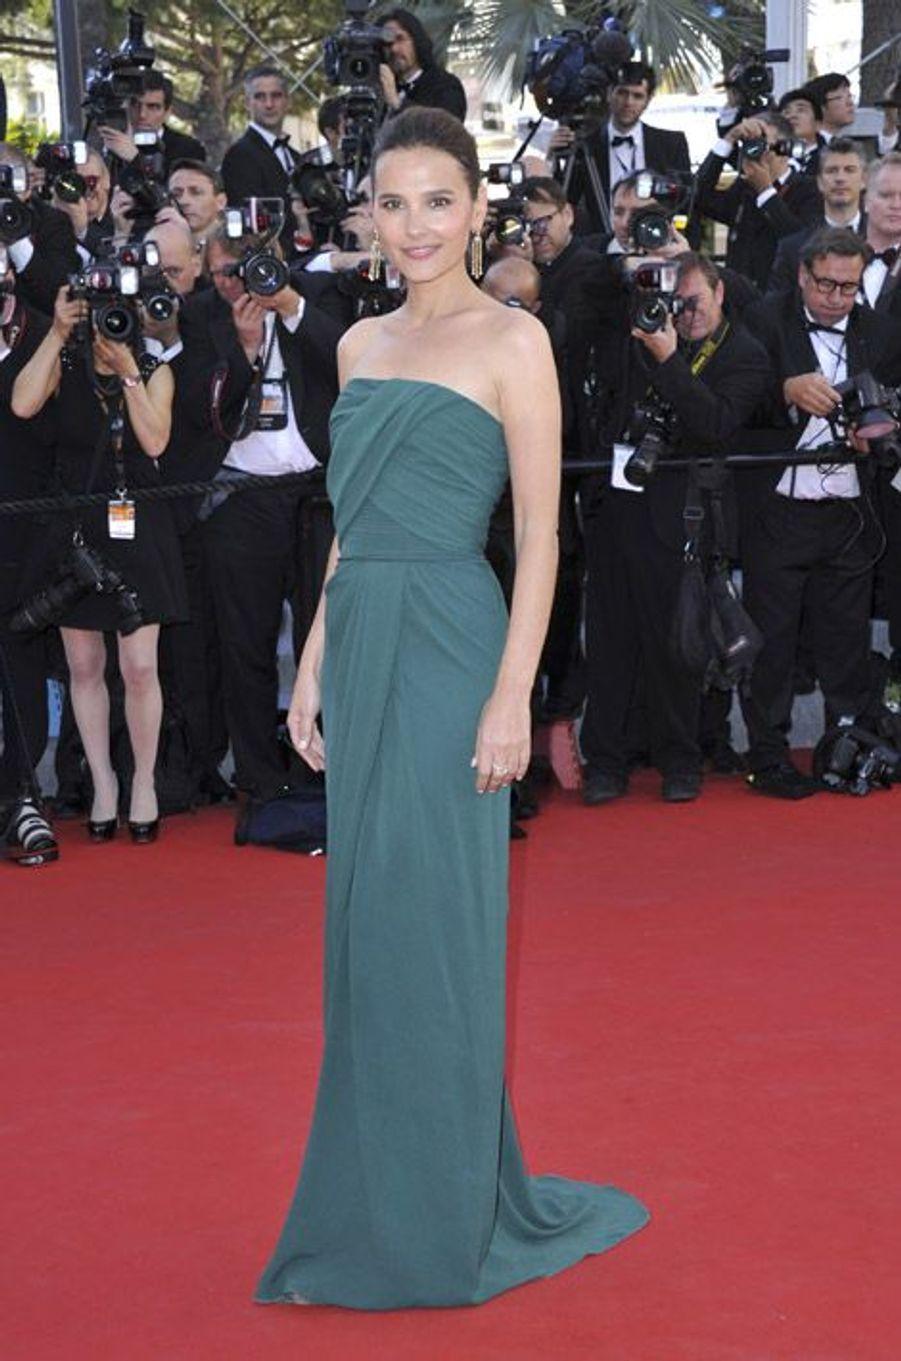 UN busiter et une robe drappés pour la cérémonie d'ouverture du festival de Cannes en 2012